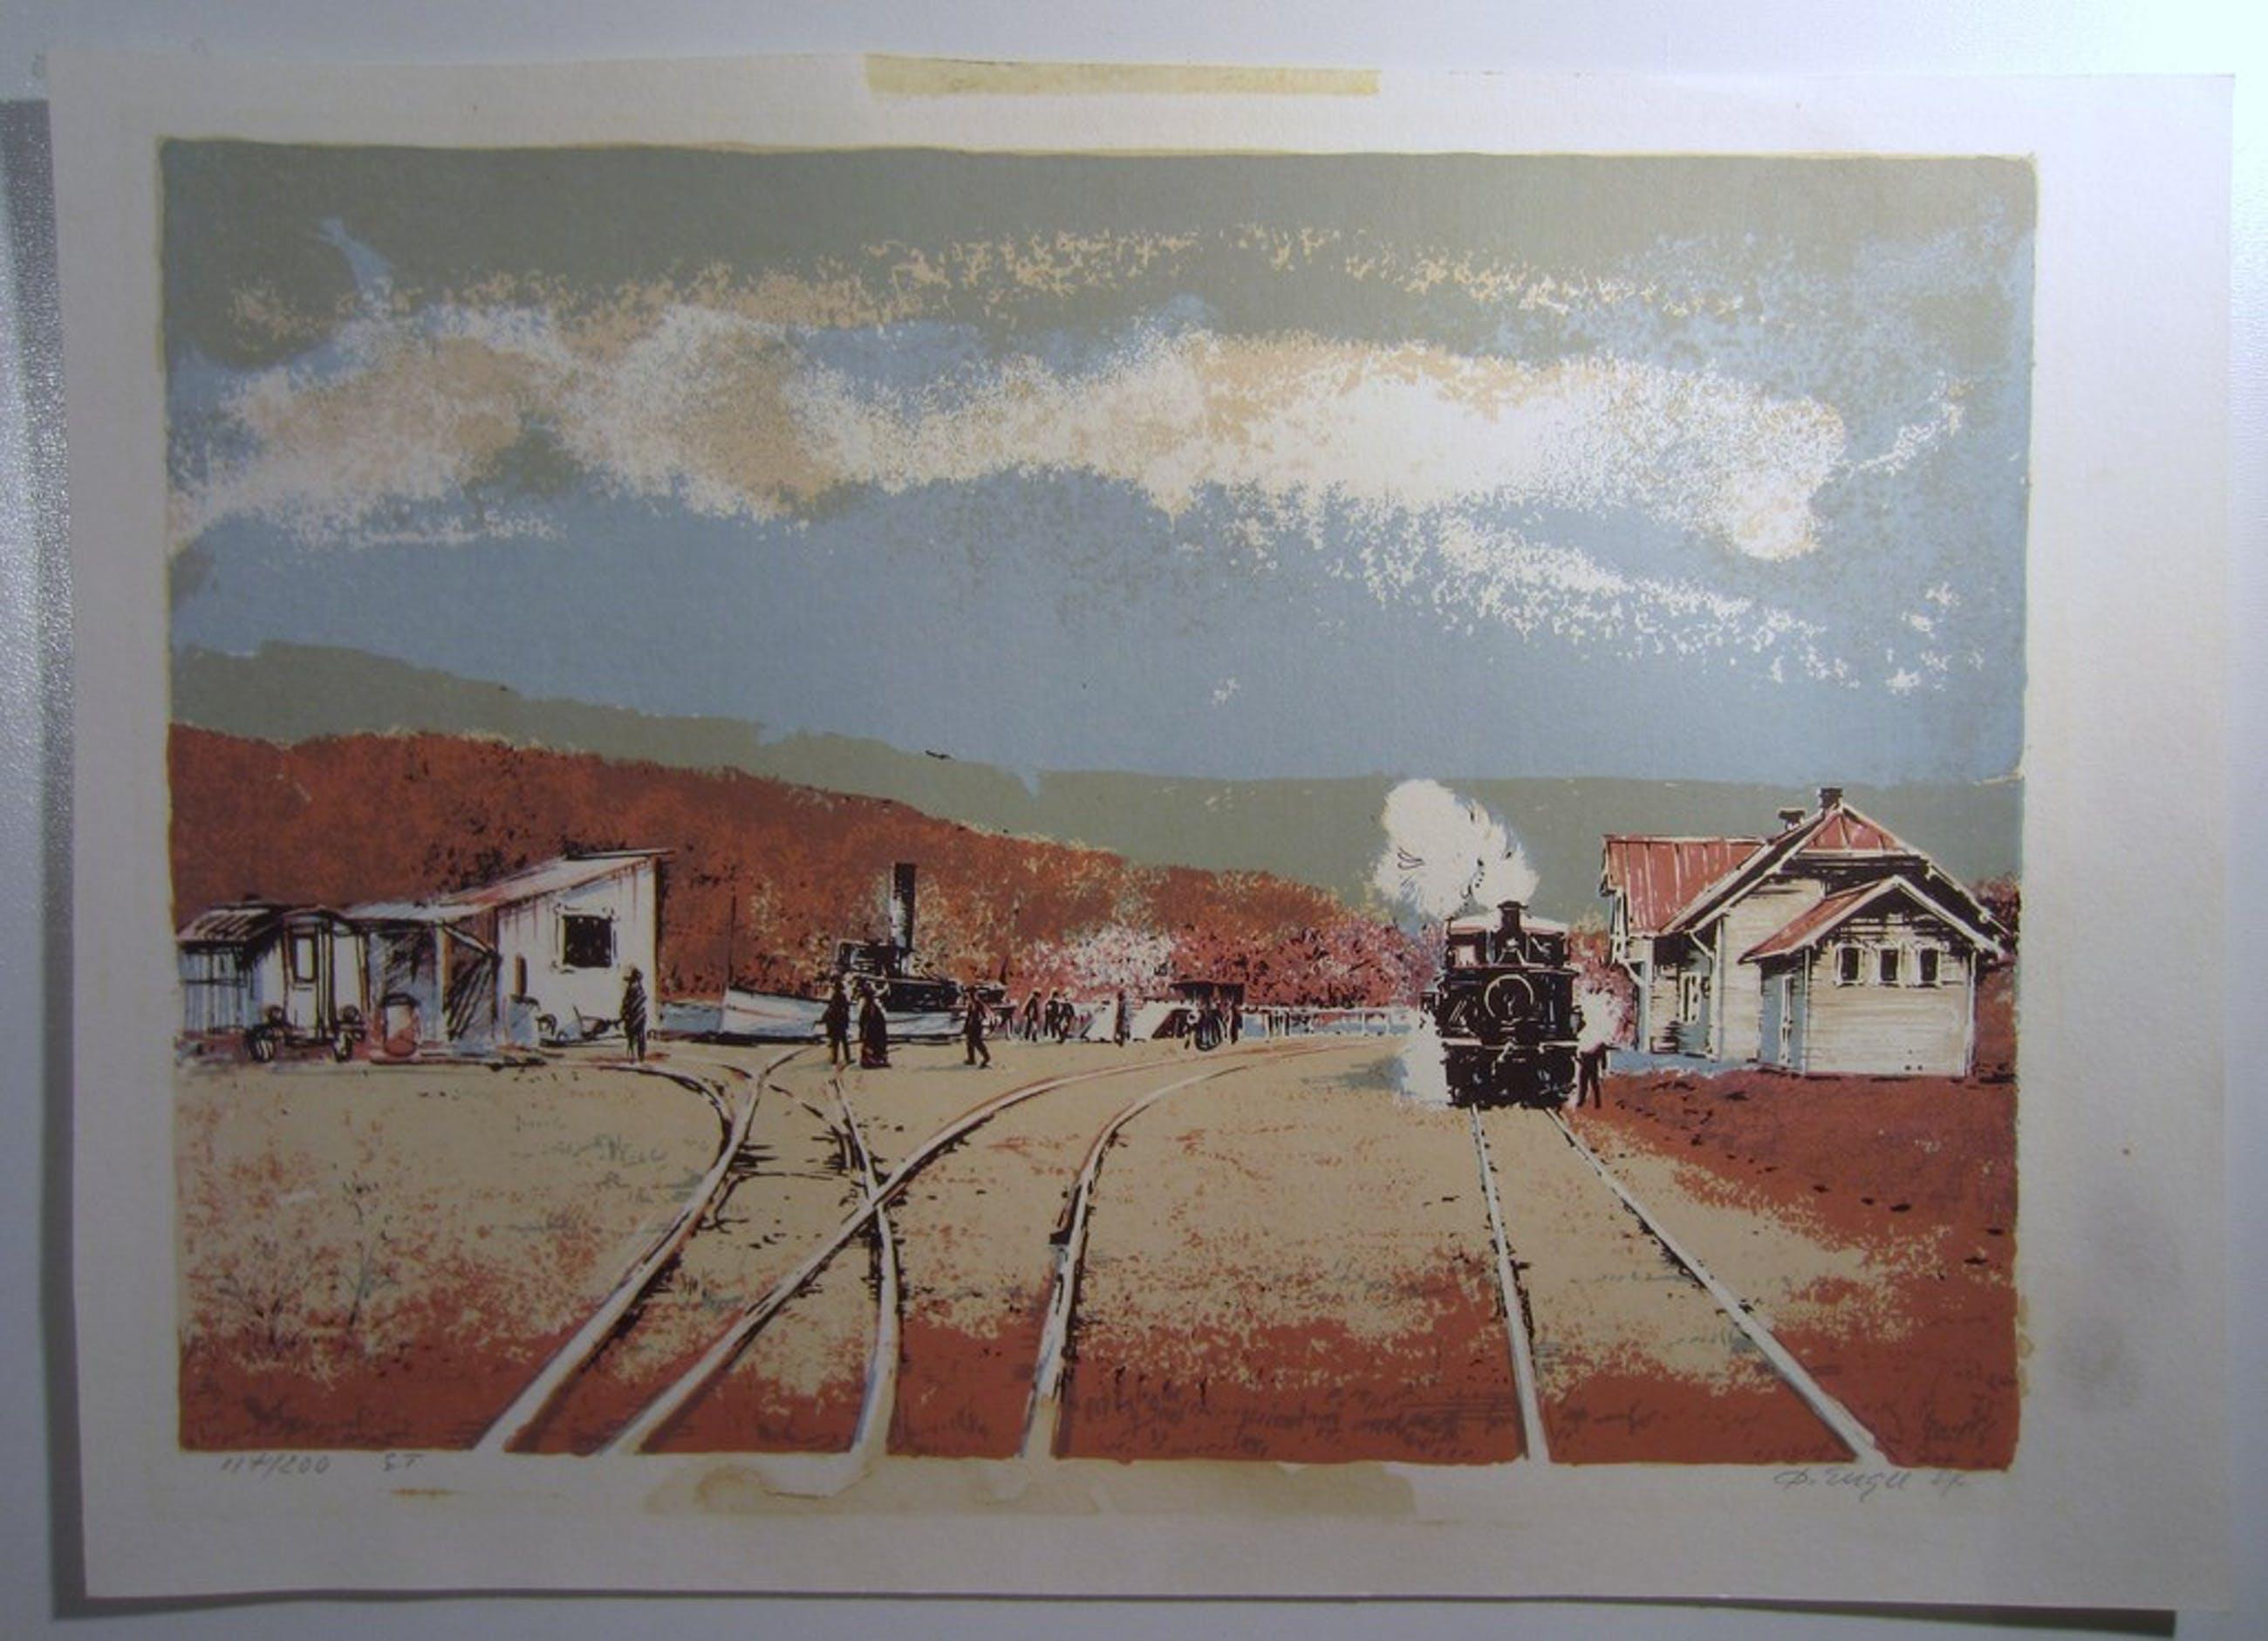 Litho met stoomtrein en stoomboot - Oivind Enger (1936) - Noorwegen kopen? Bied vanaf 1!